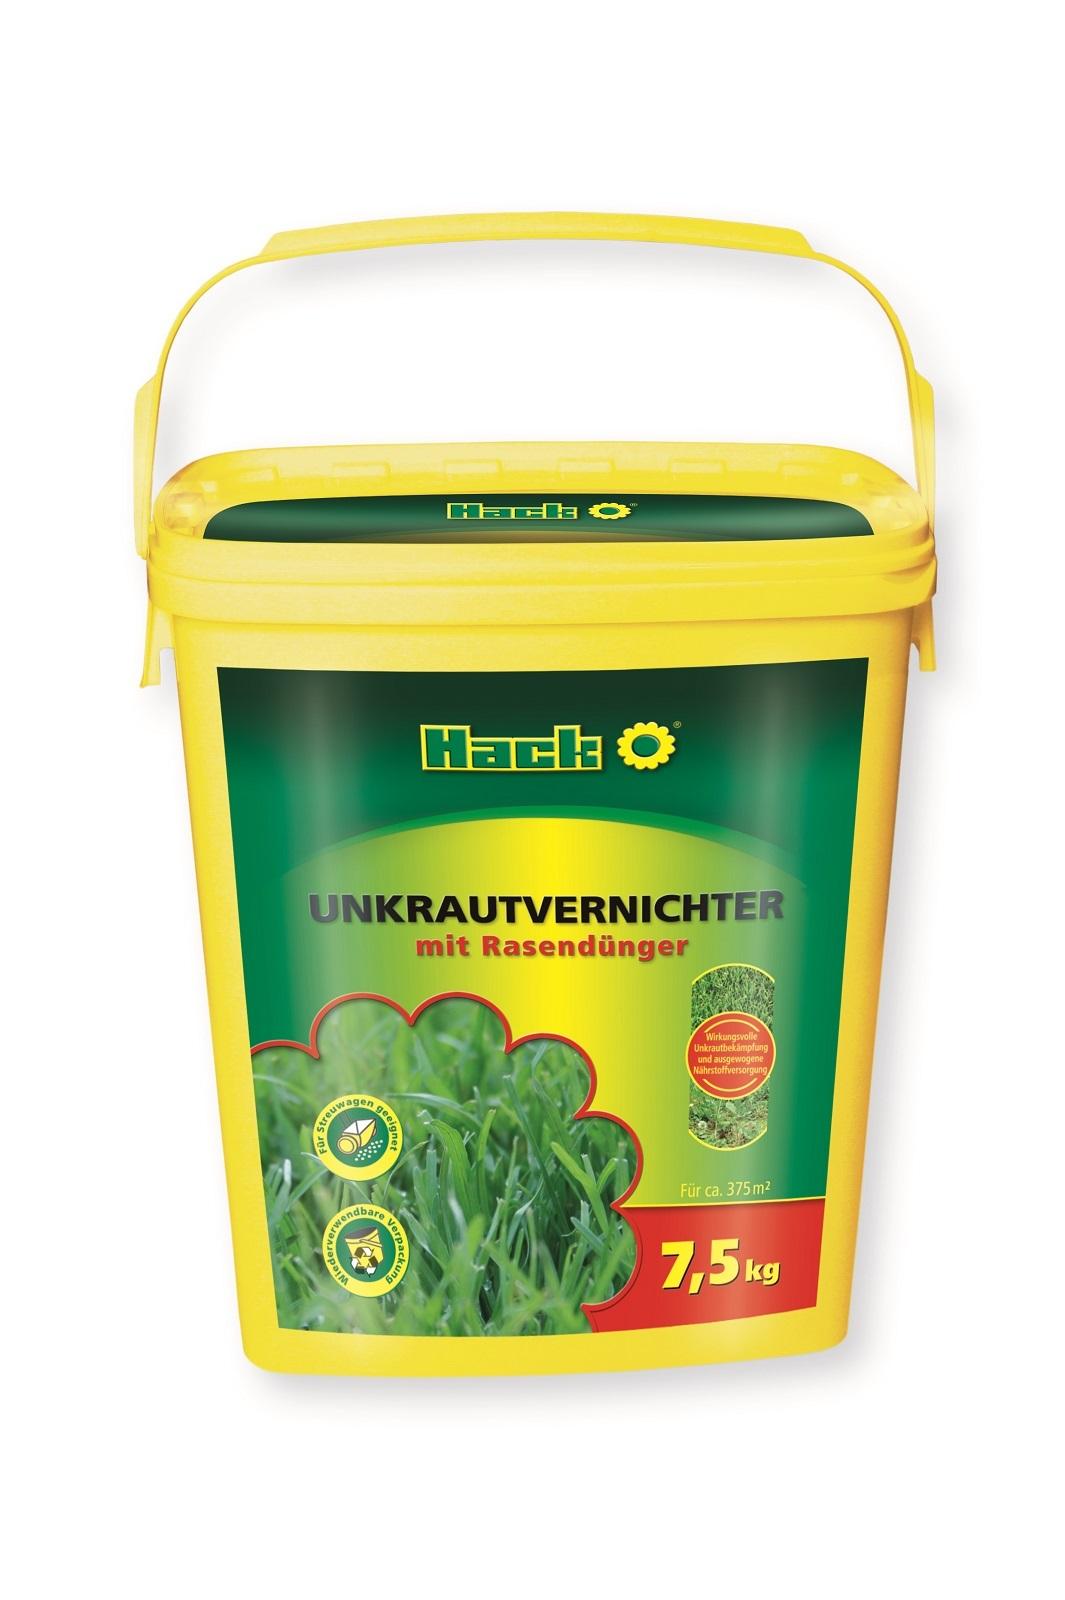 Hack Unkrautvernichter + Rasendünger 7,5 kg